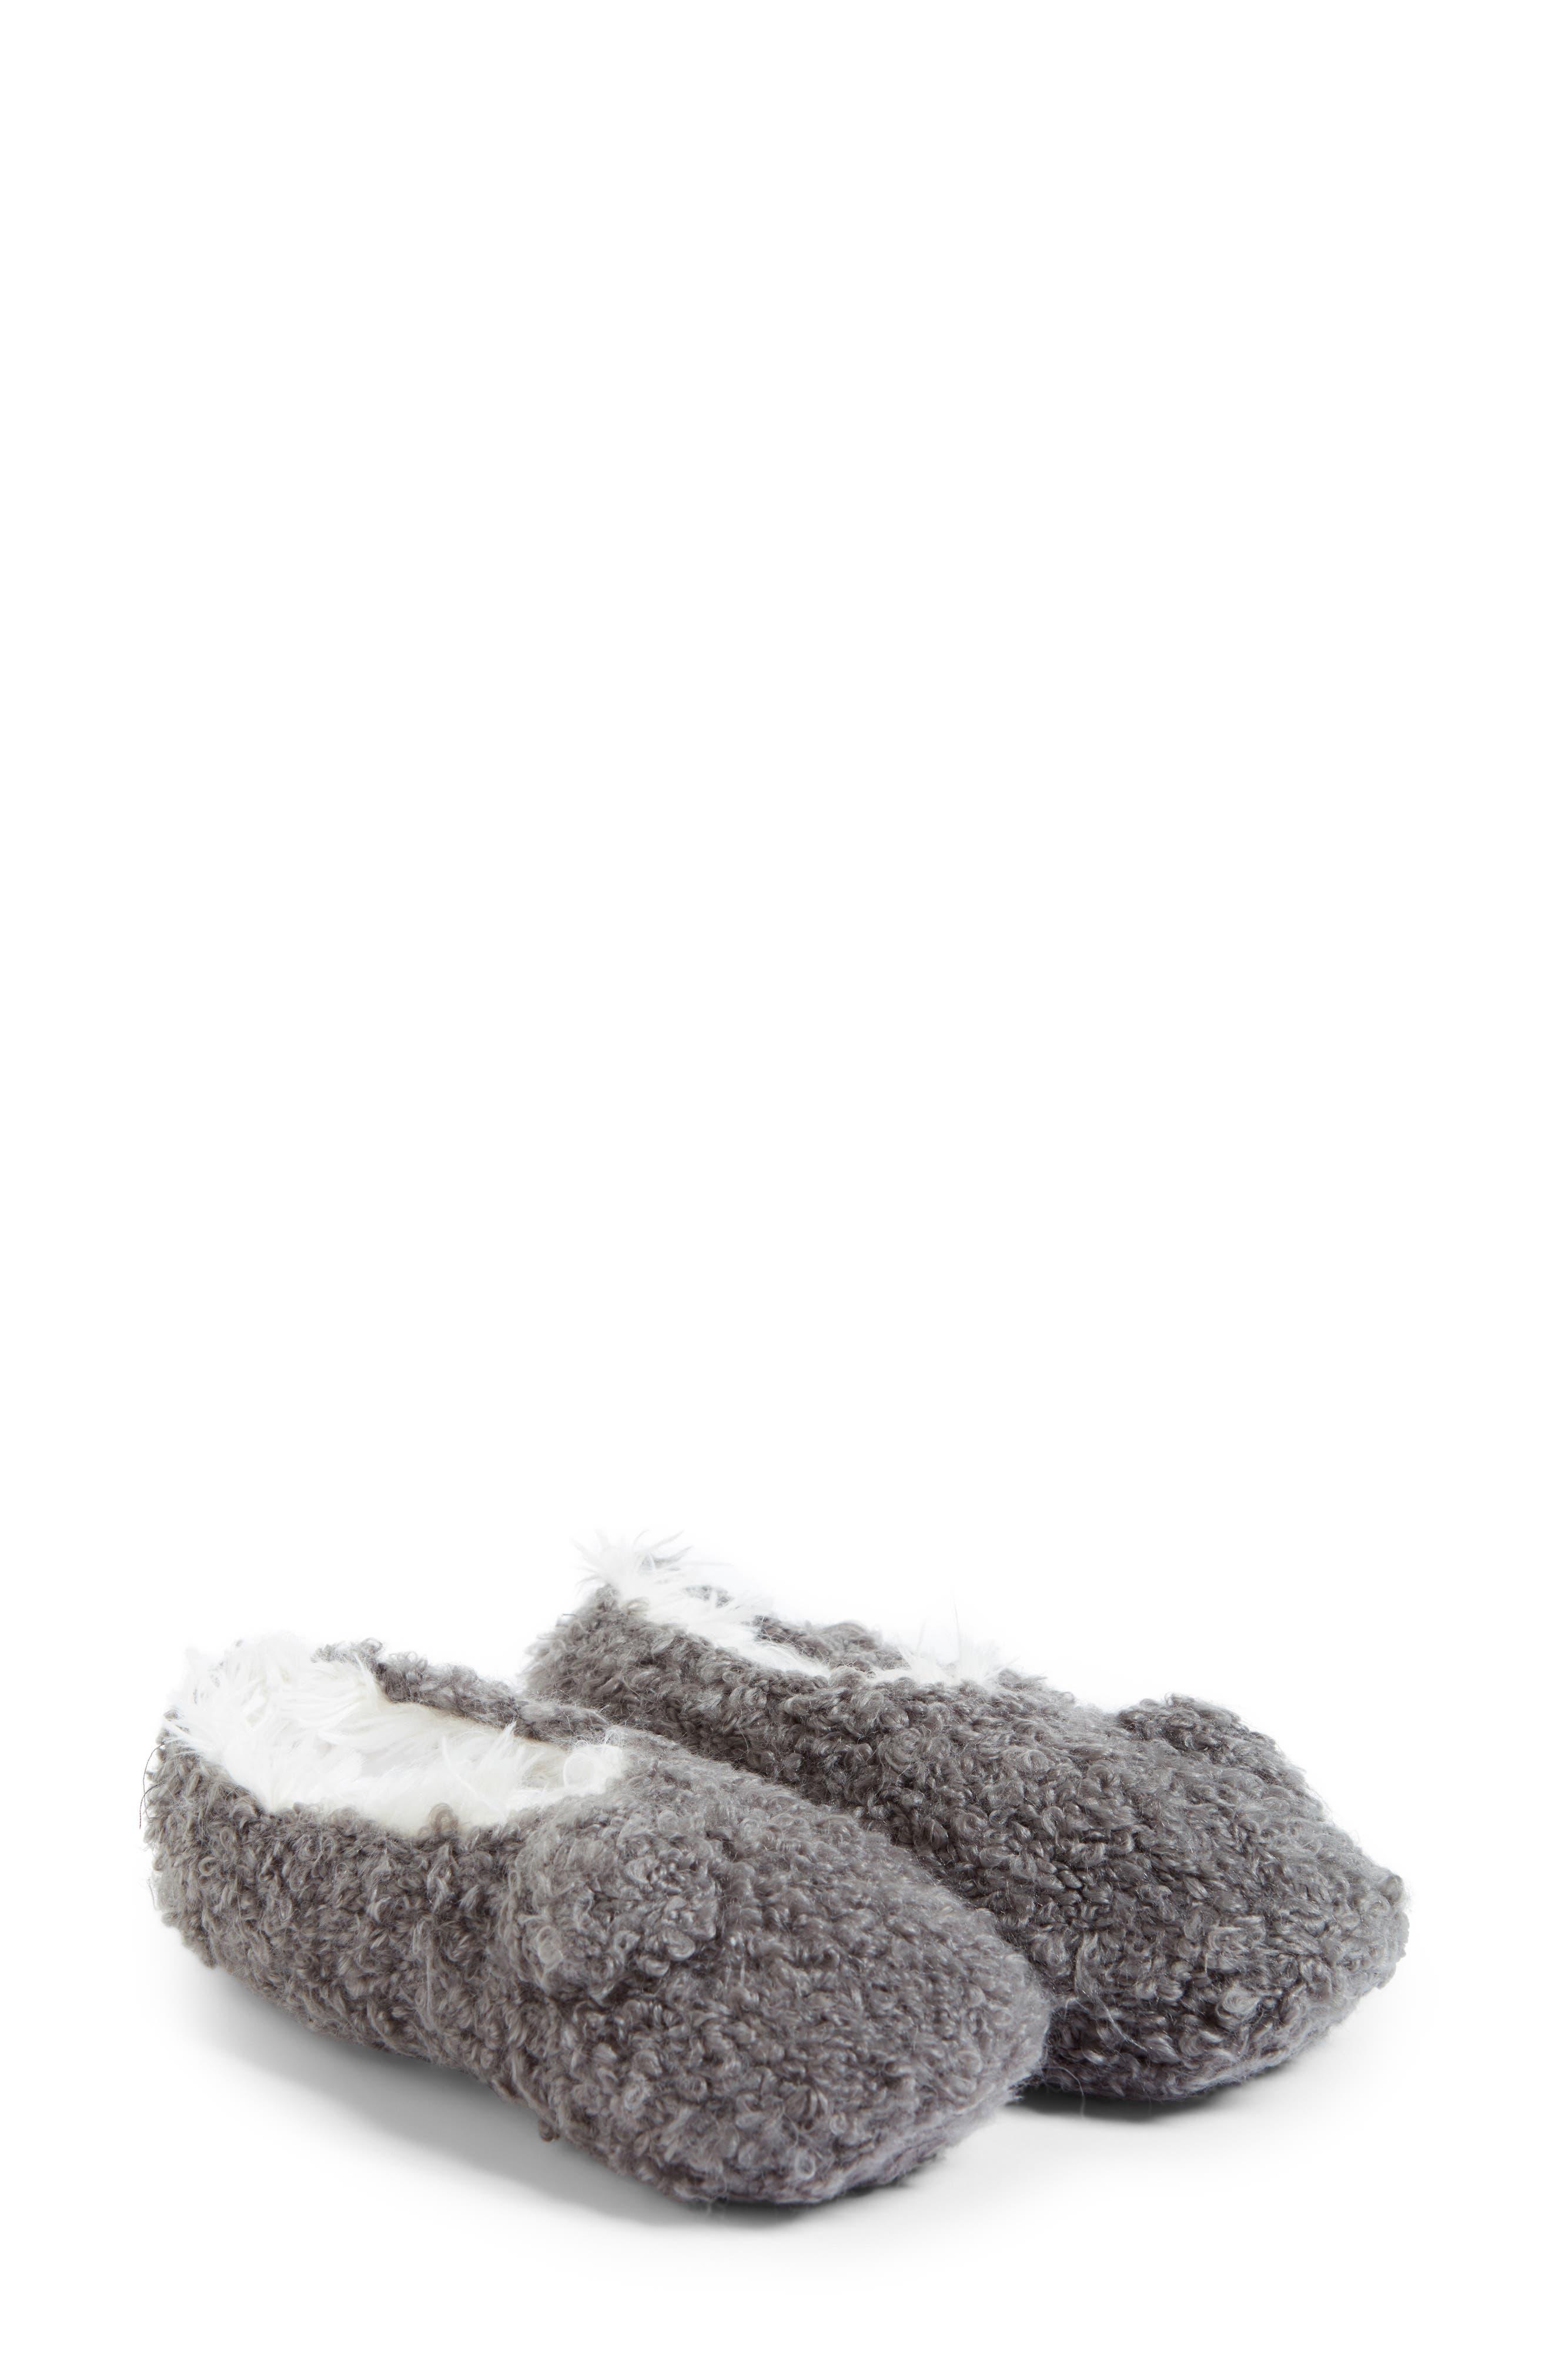 Teddy Bear Bootie Slipper Socks,                             Alternate thumbnail 2, color,                             020